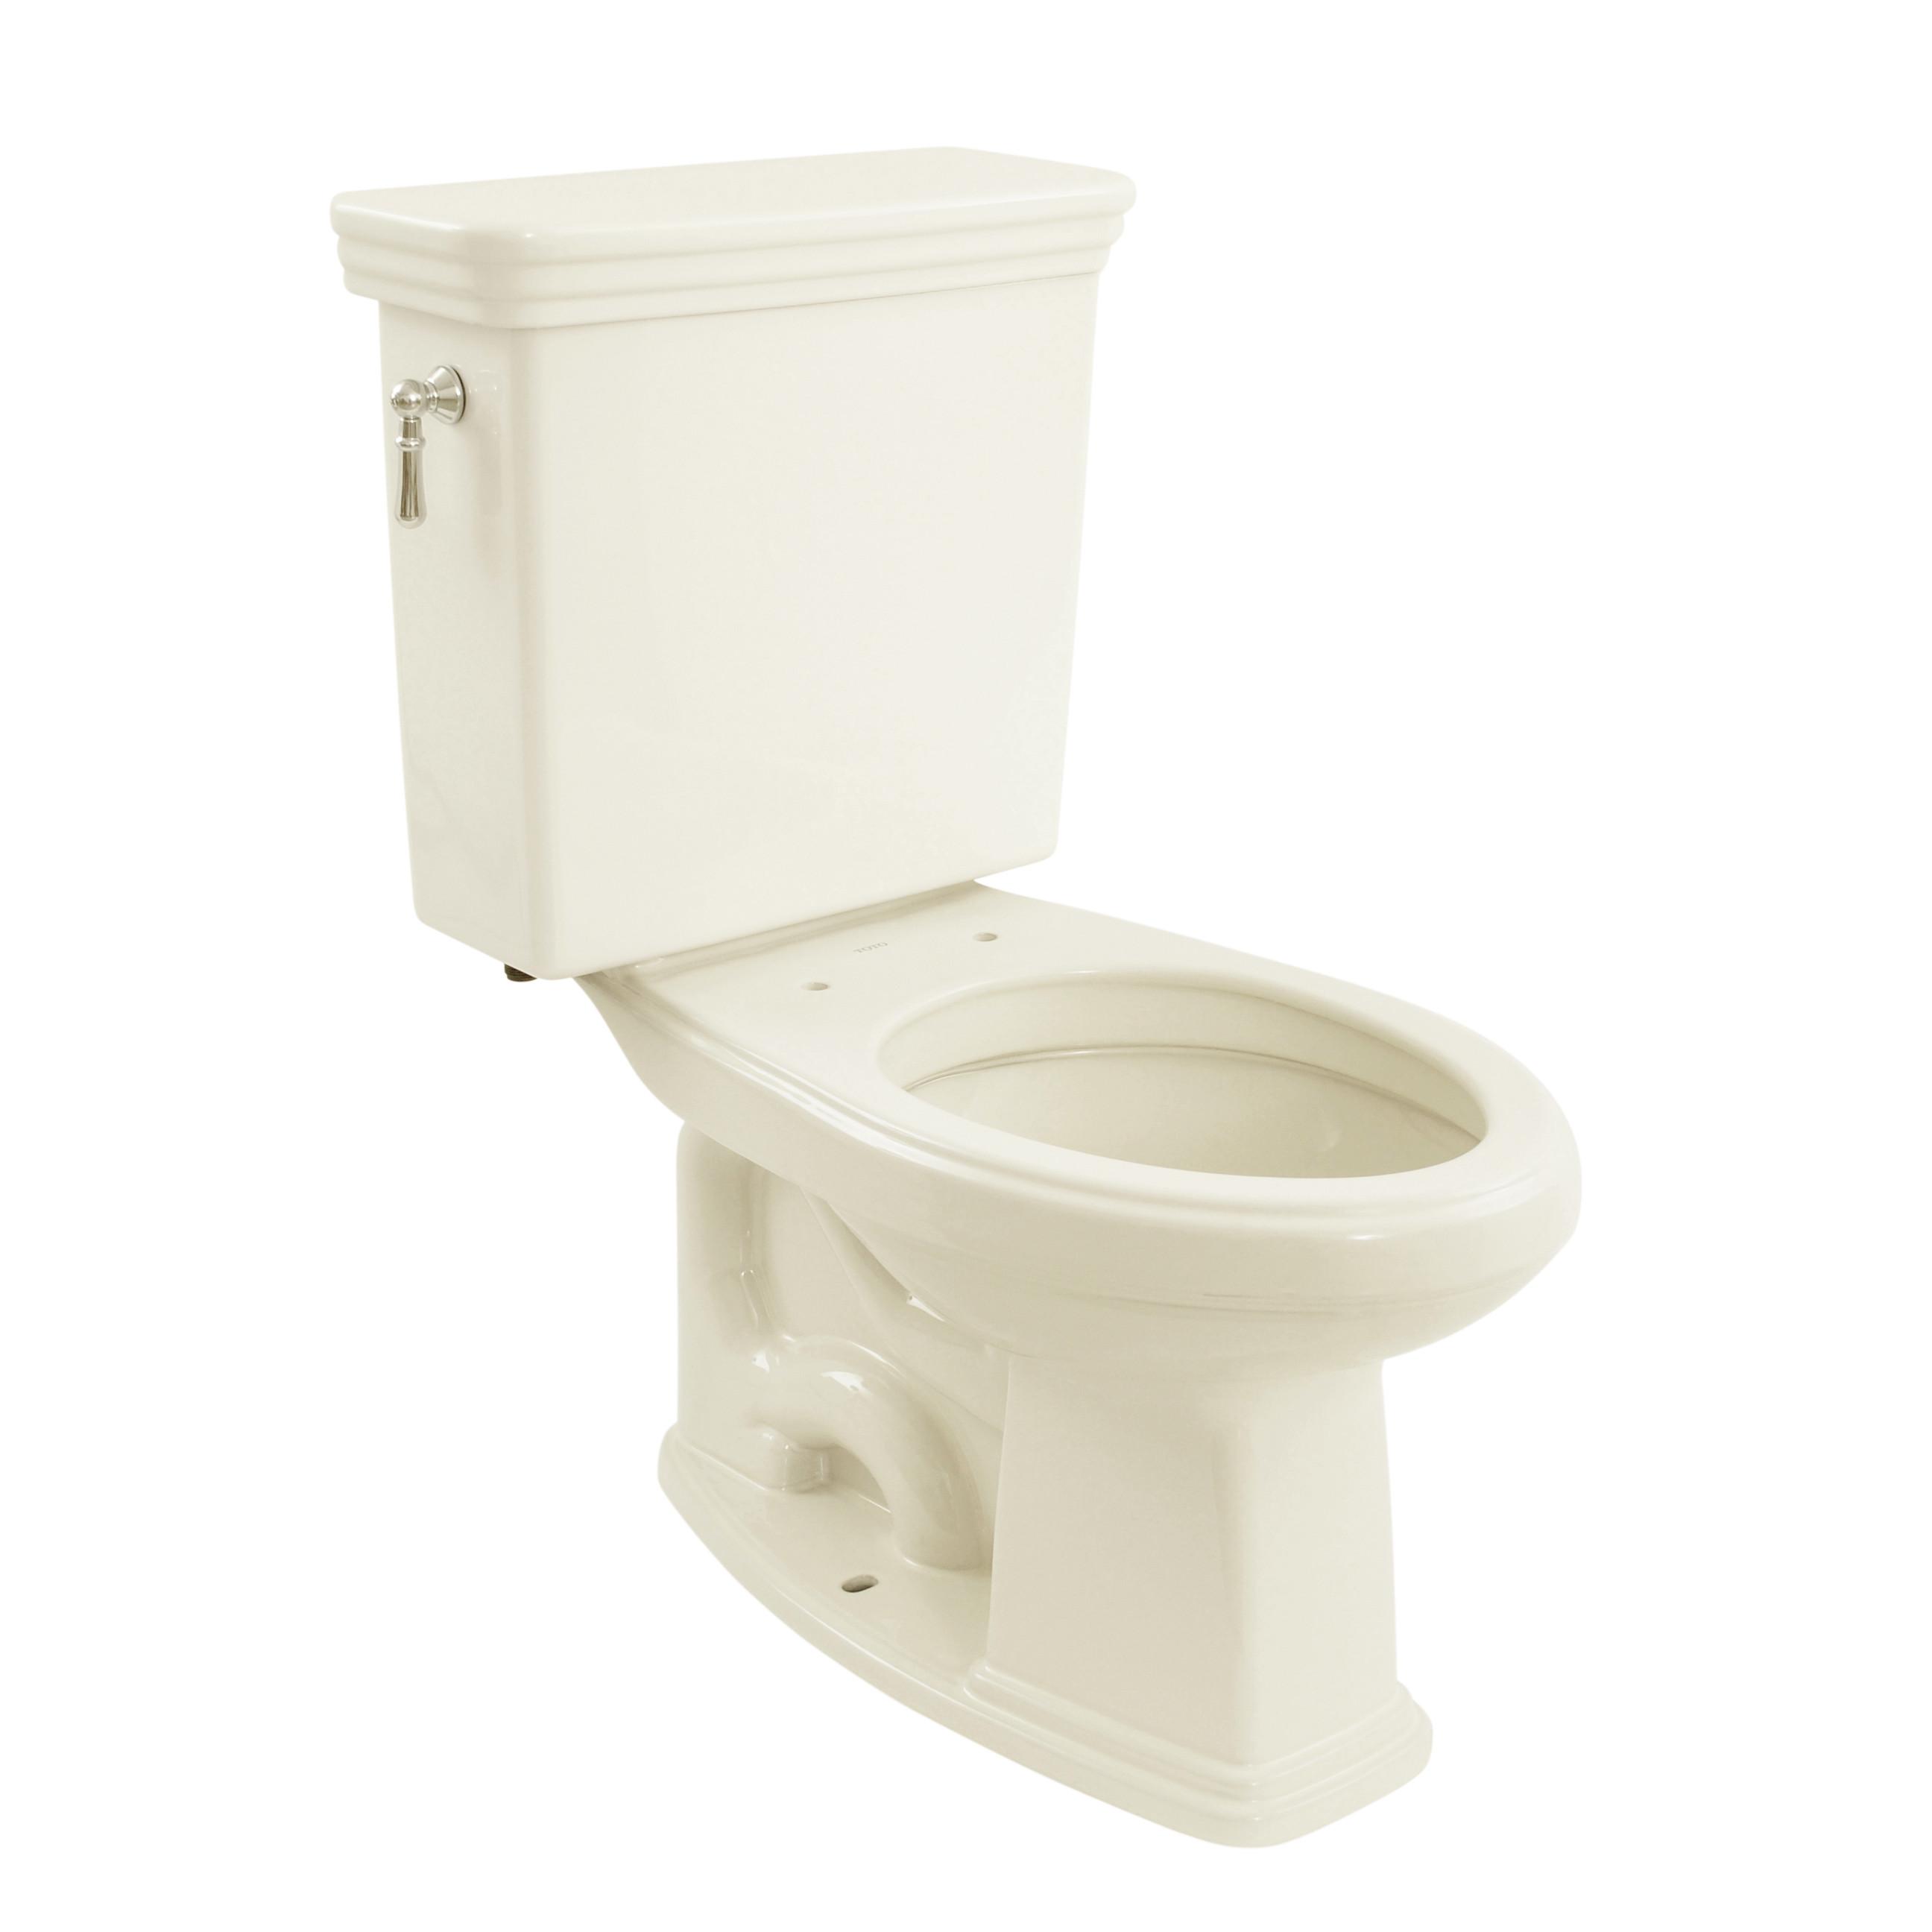 Toto Toilet Home Depot | Toto 2 Piece Toilets | Toto Toilet